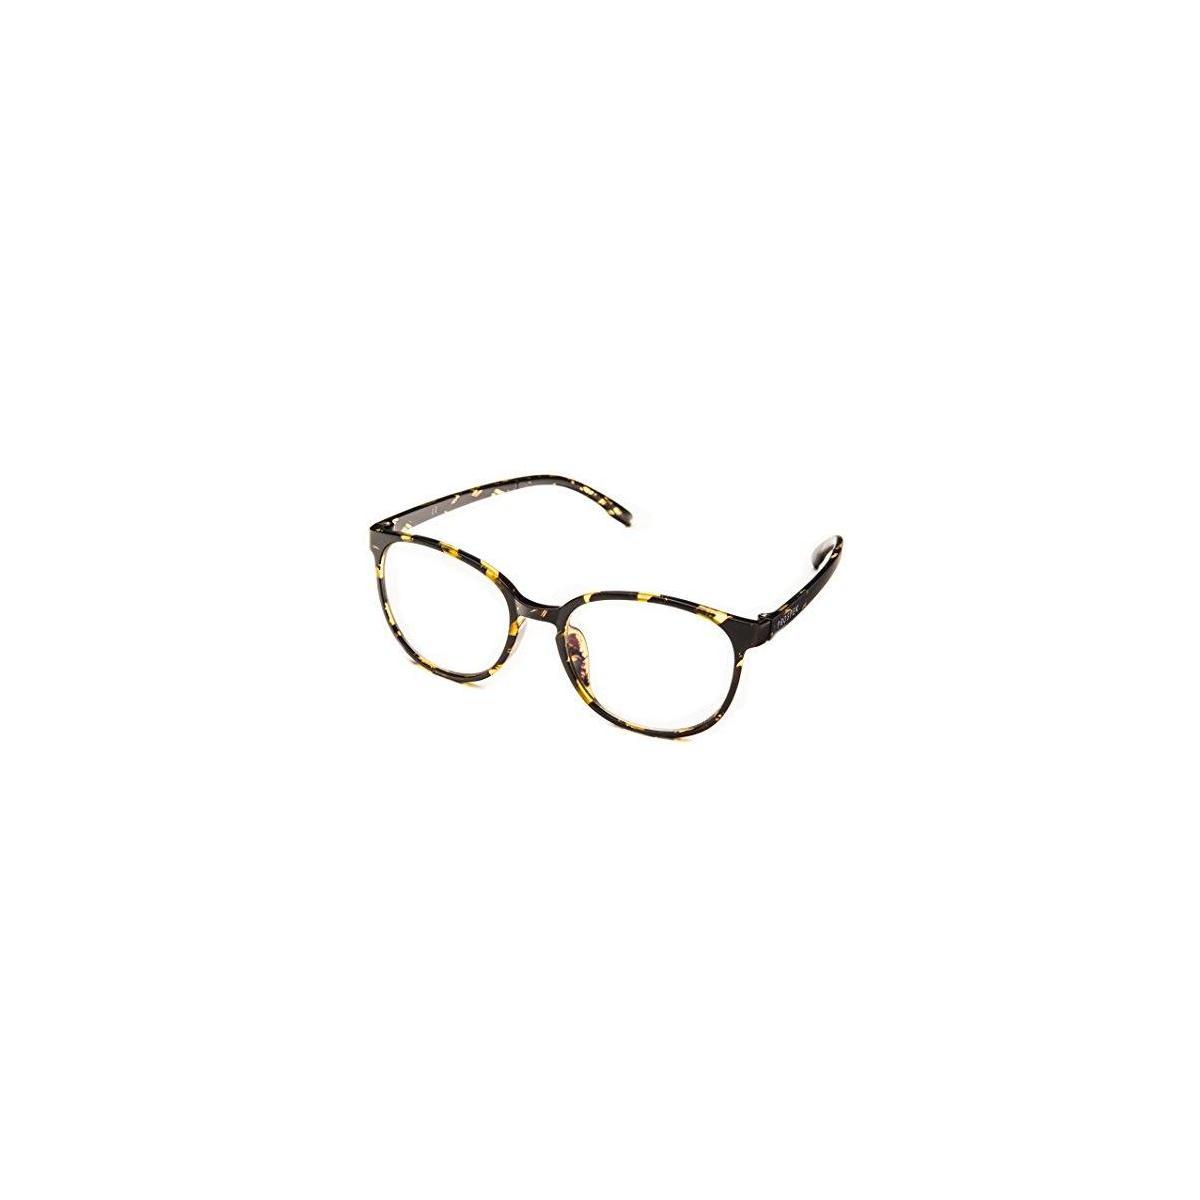 ROSPEK Blue Light Blocking Glasses for Women, Computer Glasses - Artist